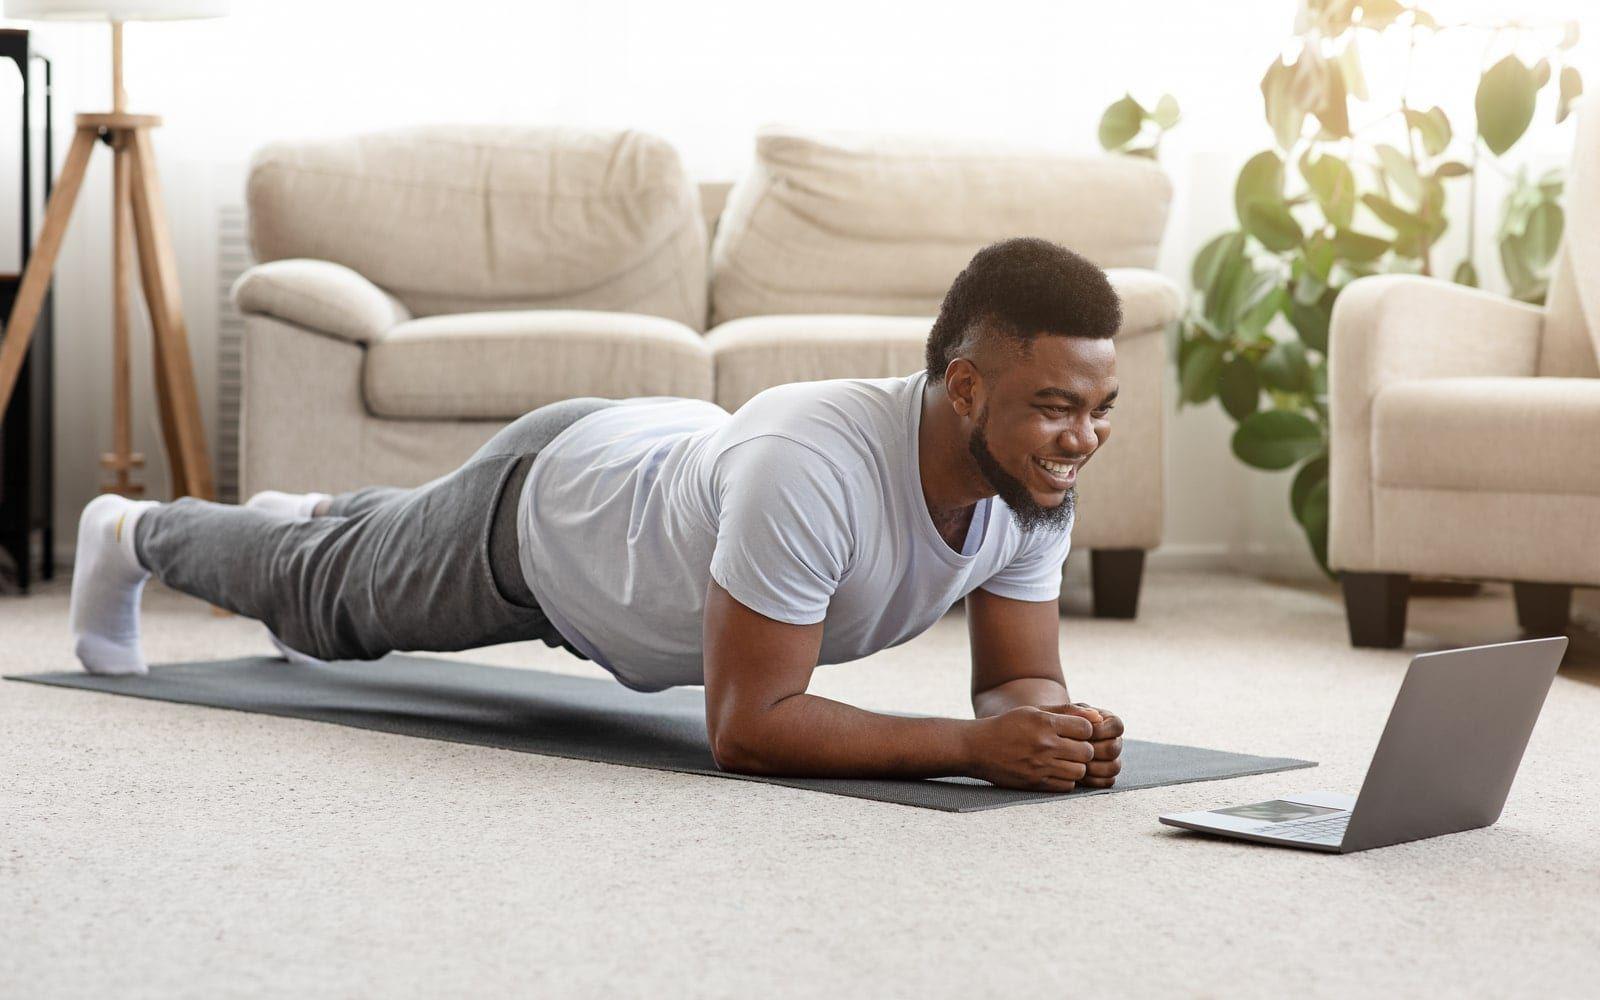 Man exercising using laptop video